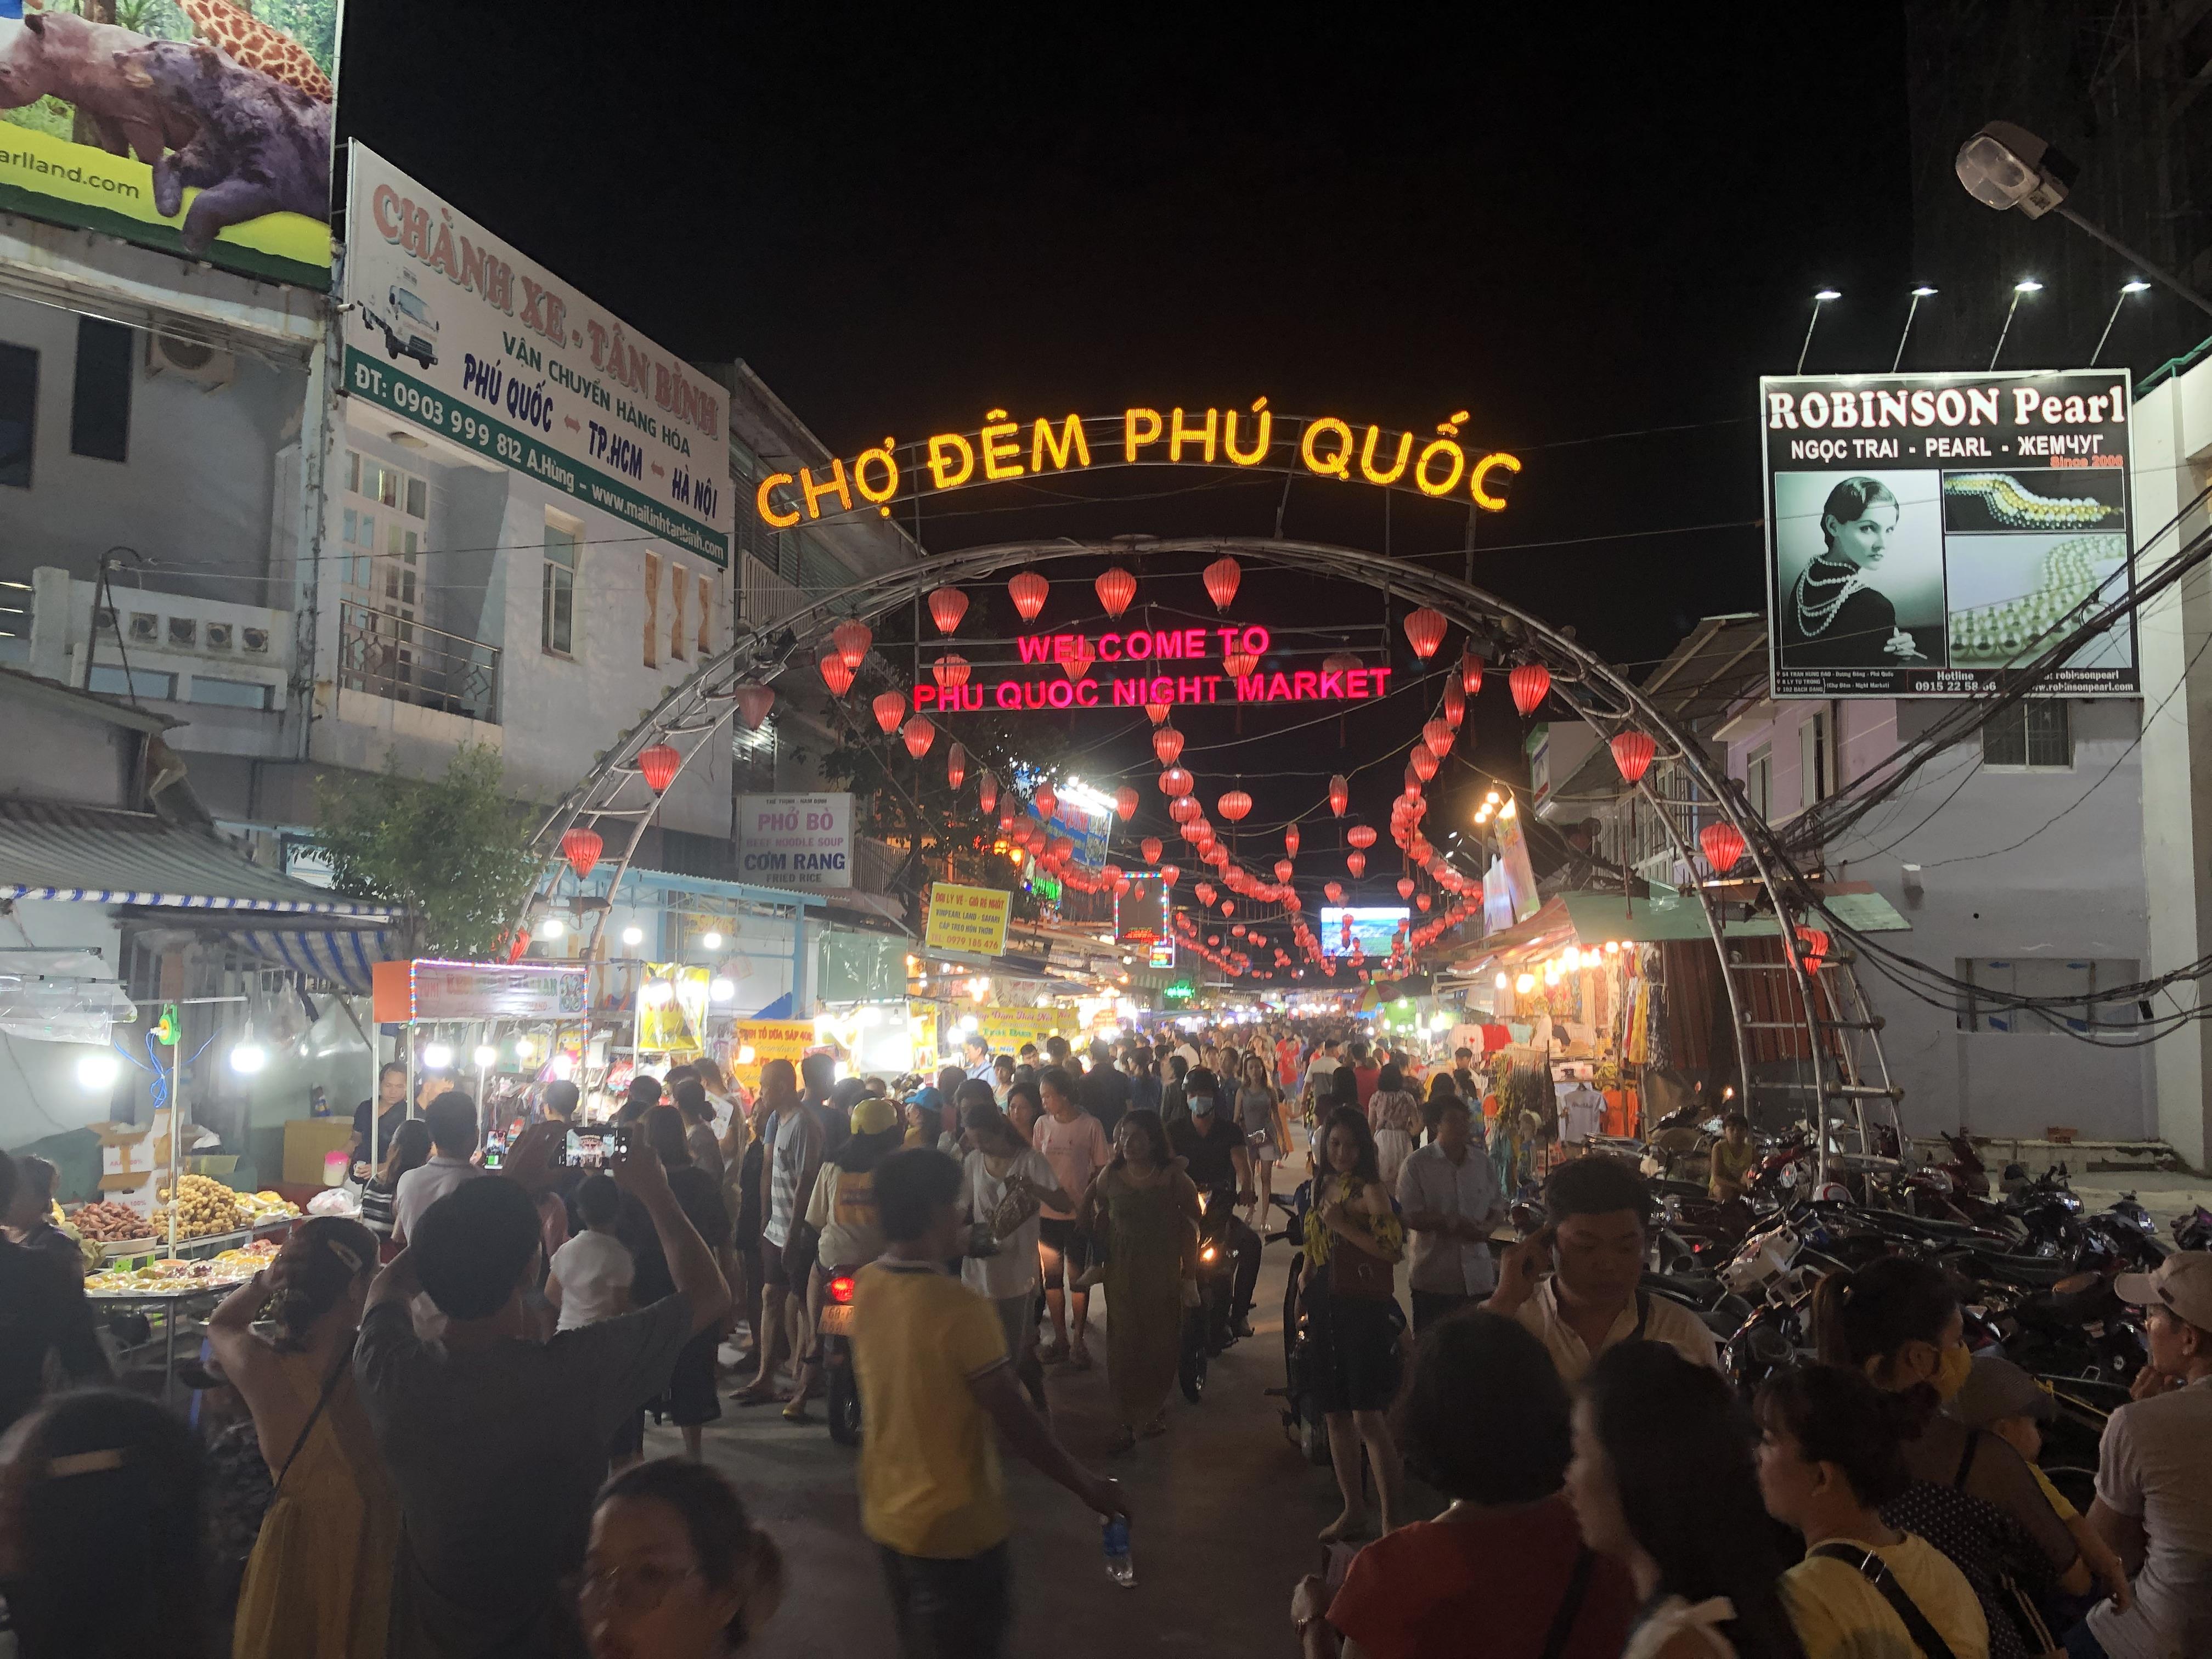 Cảnh tấp nập tại cổng chợ Đêm Phú Quốc trên đường Lý Tự Trọng.Ảnh chụp tháng 6/2019